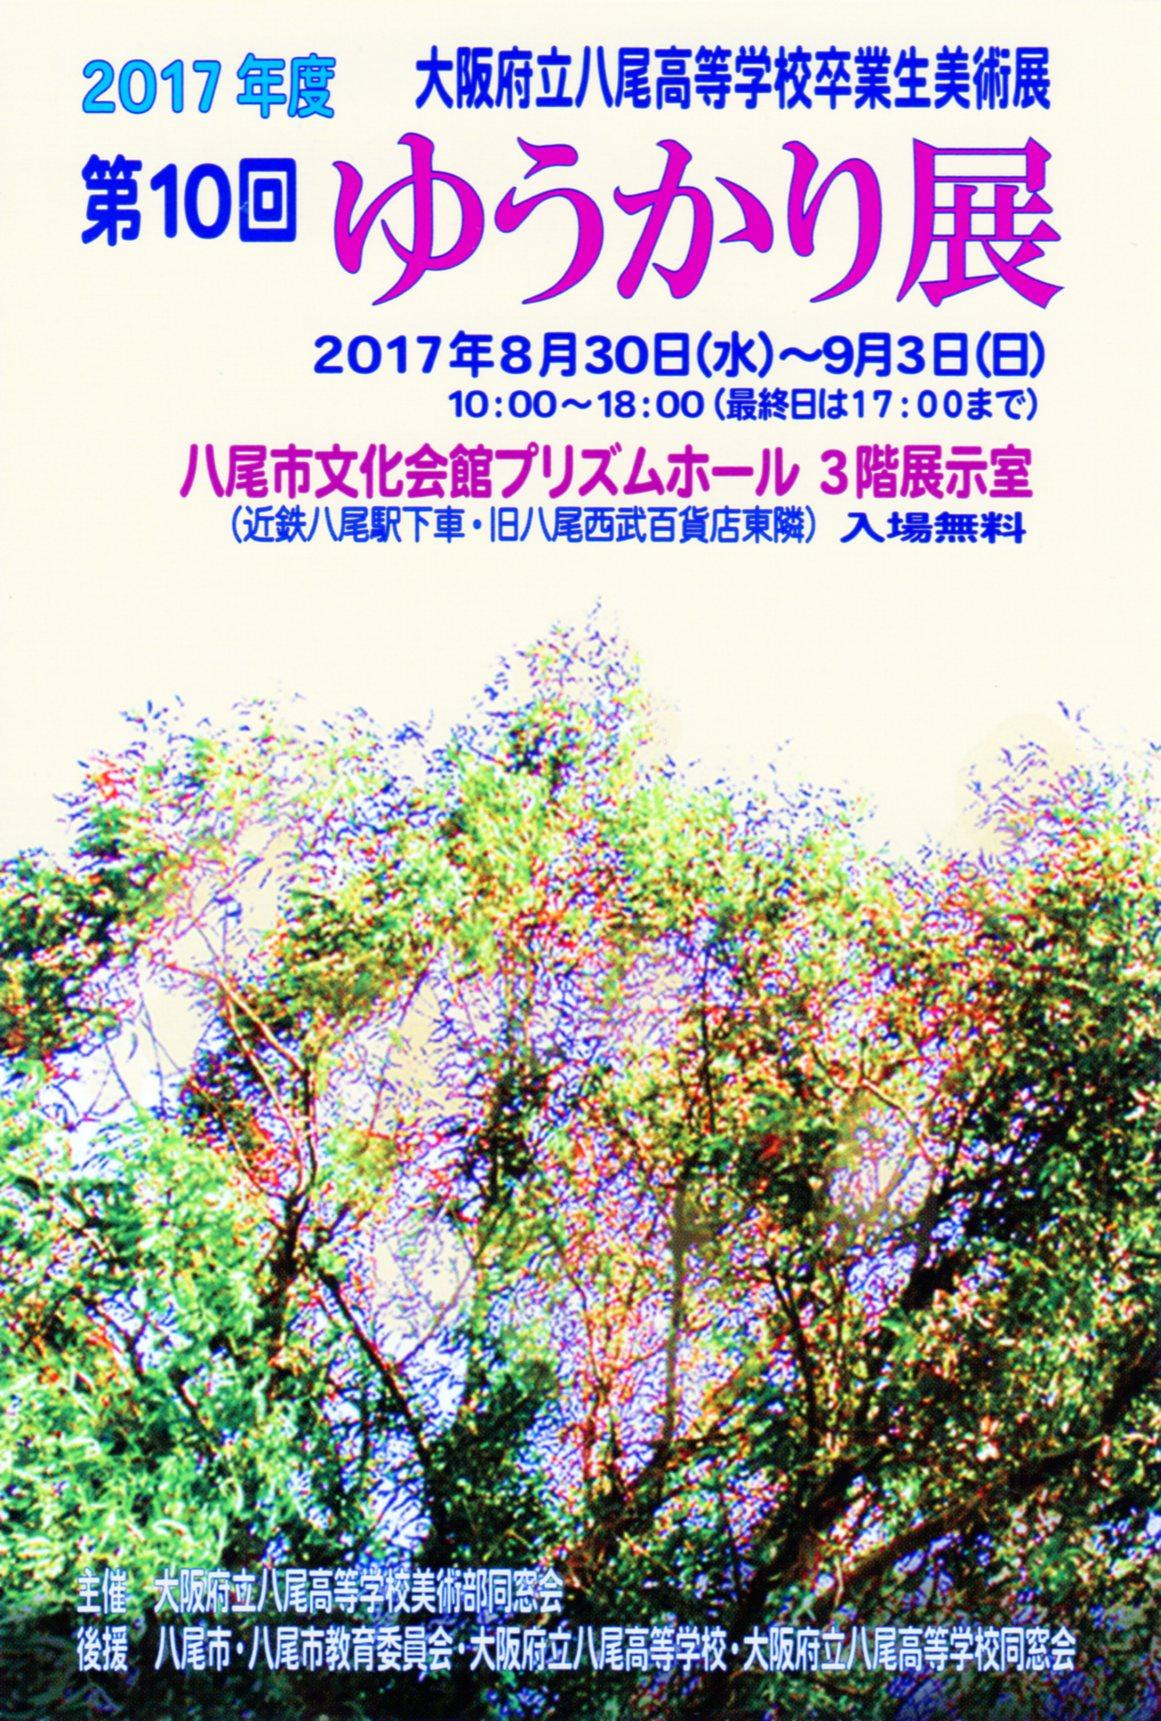 20170714-1.jpg